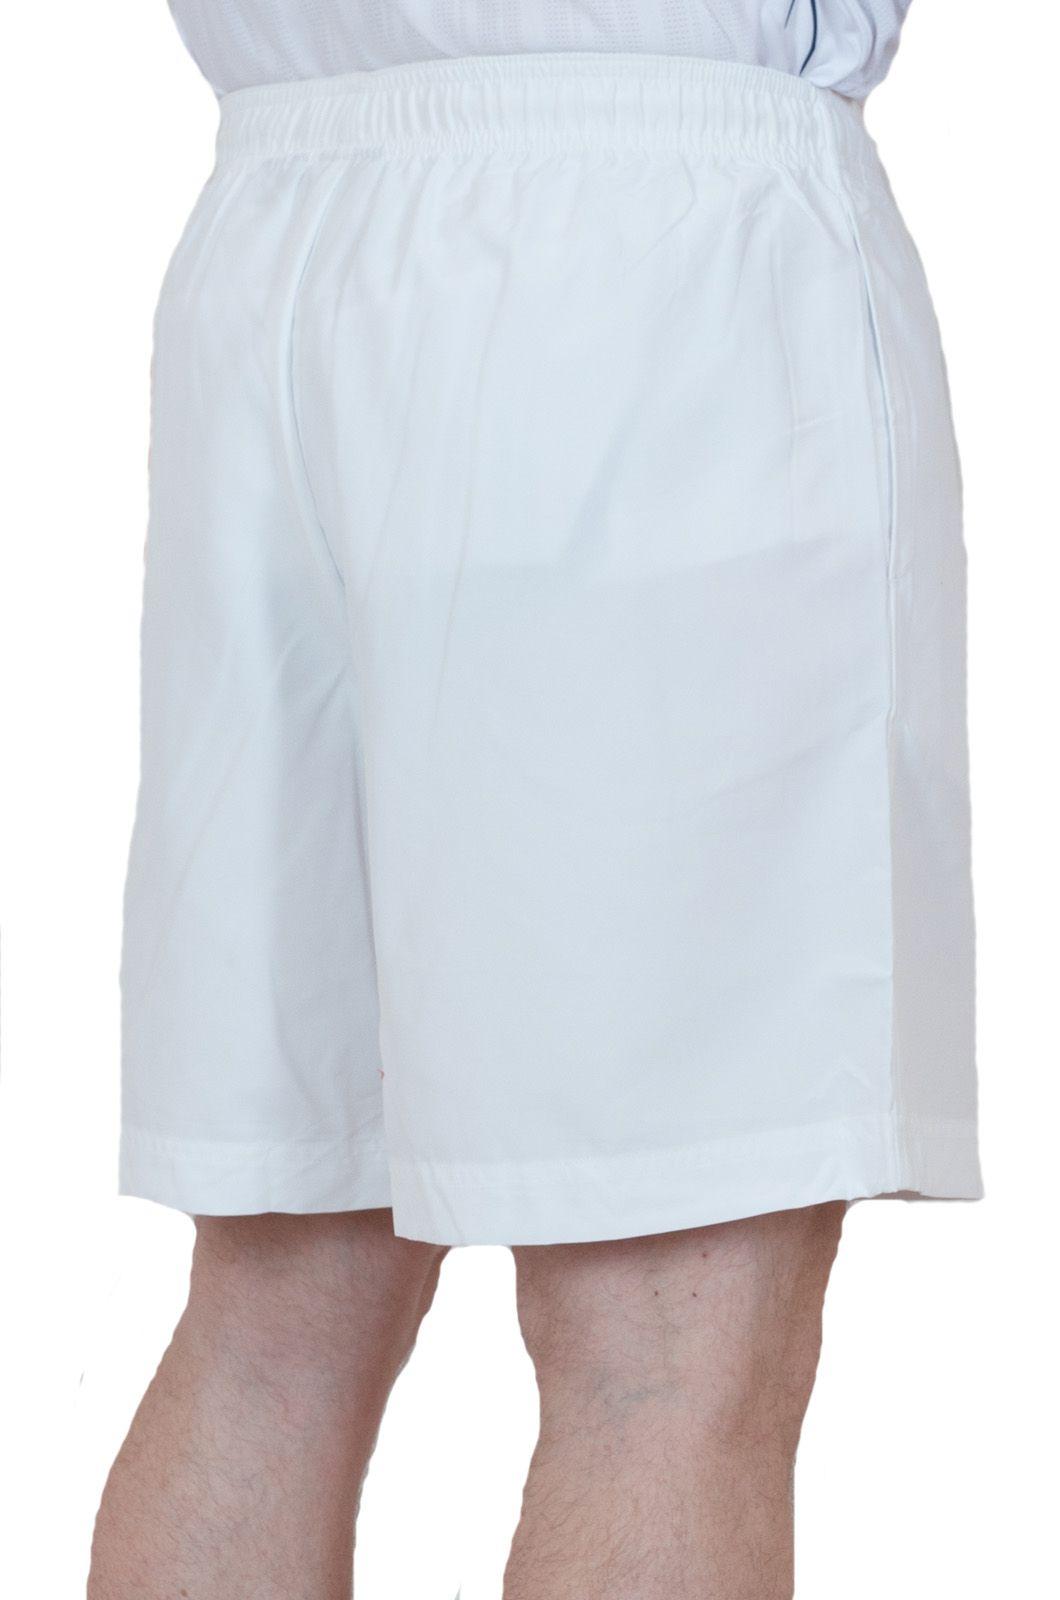 Белые шорты для стильных мужчин - вид сзади